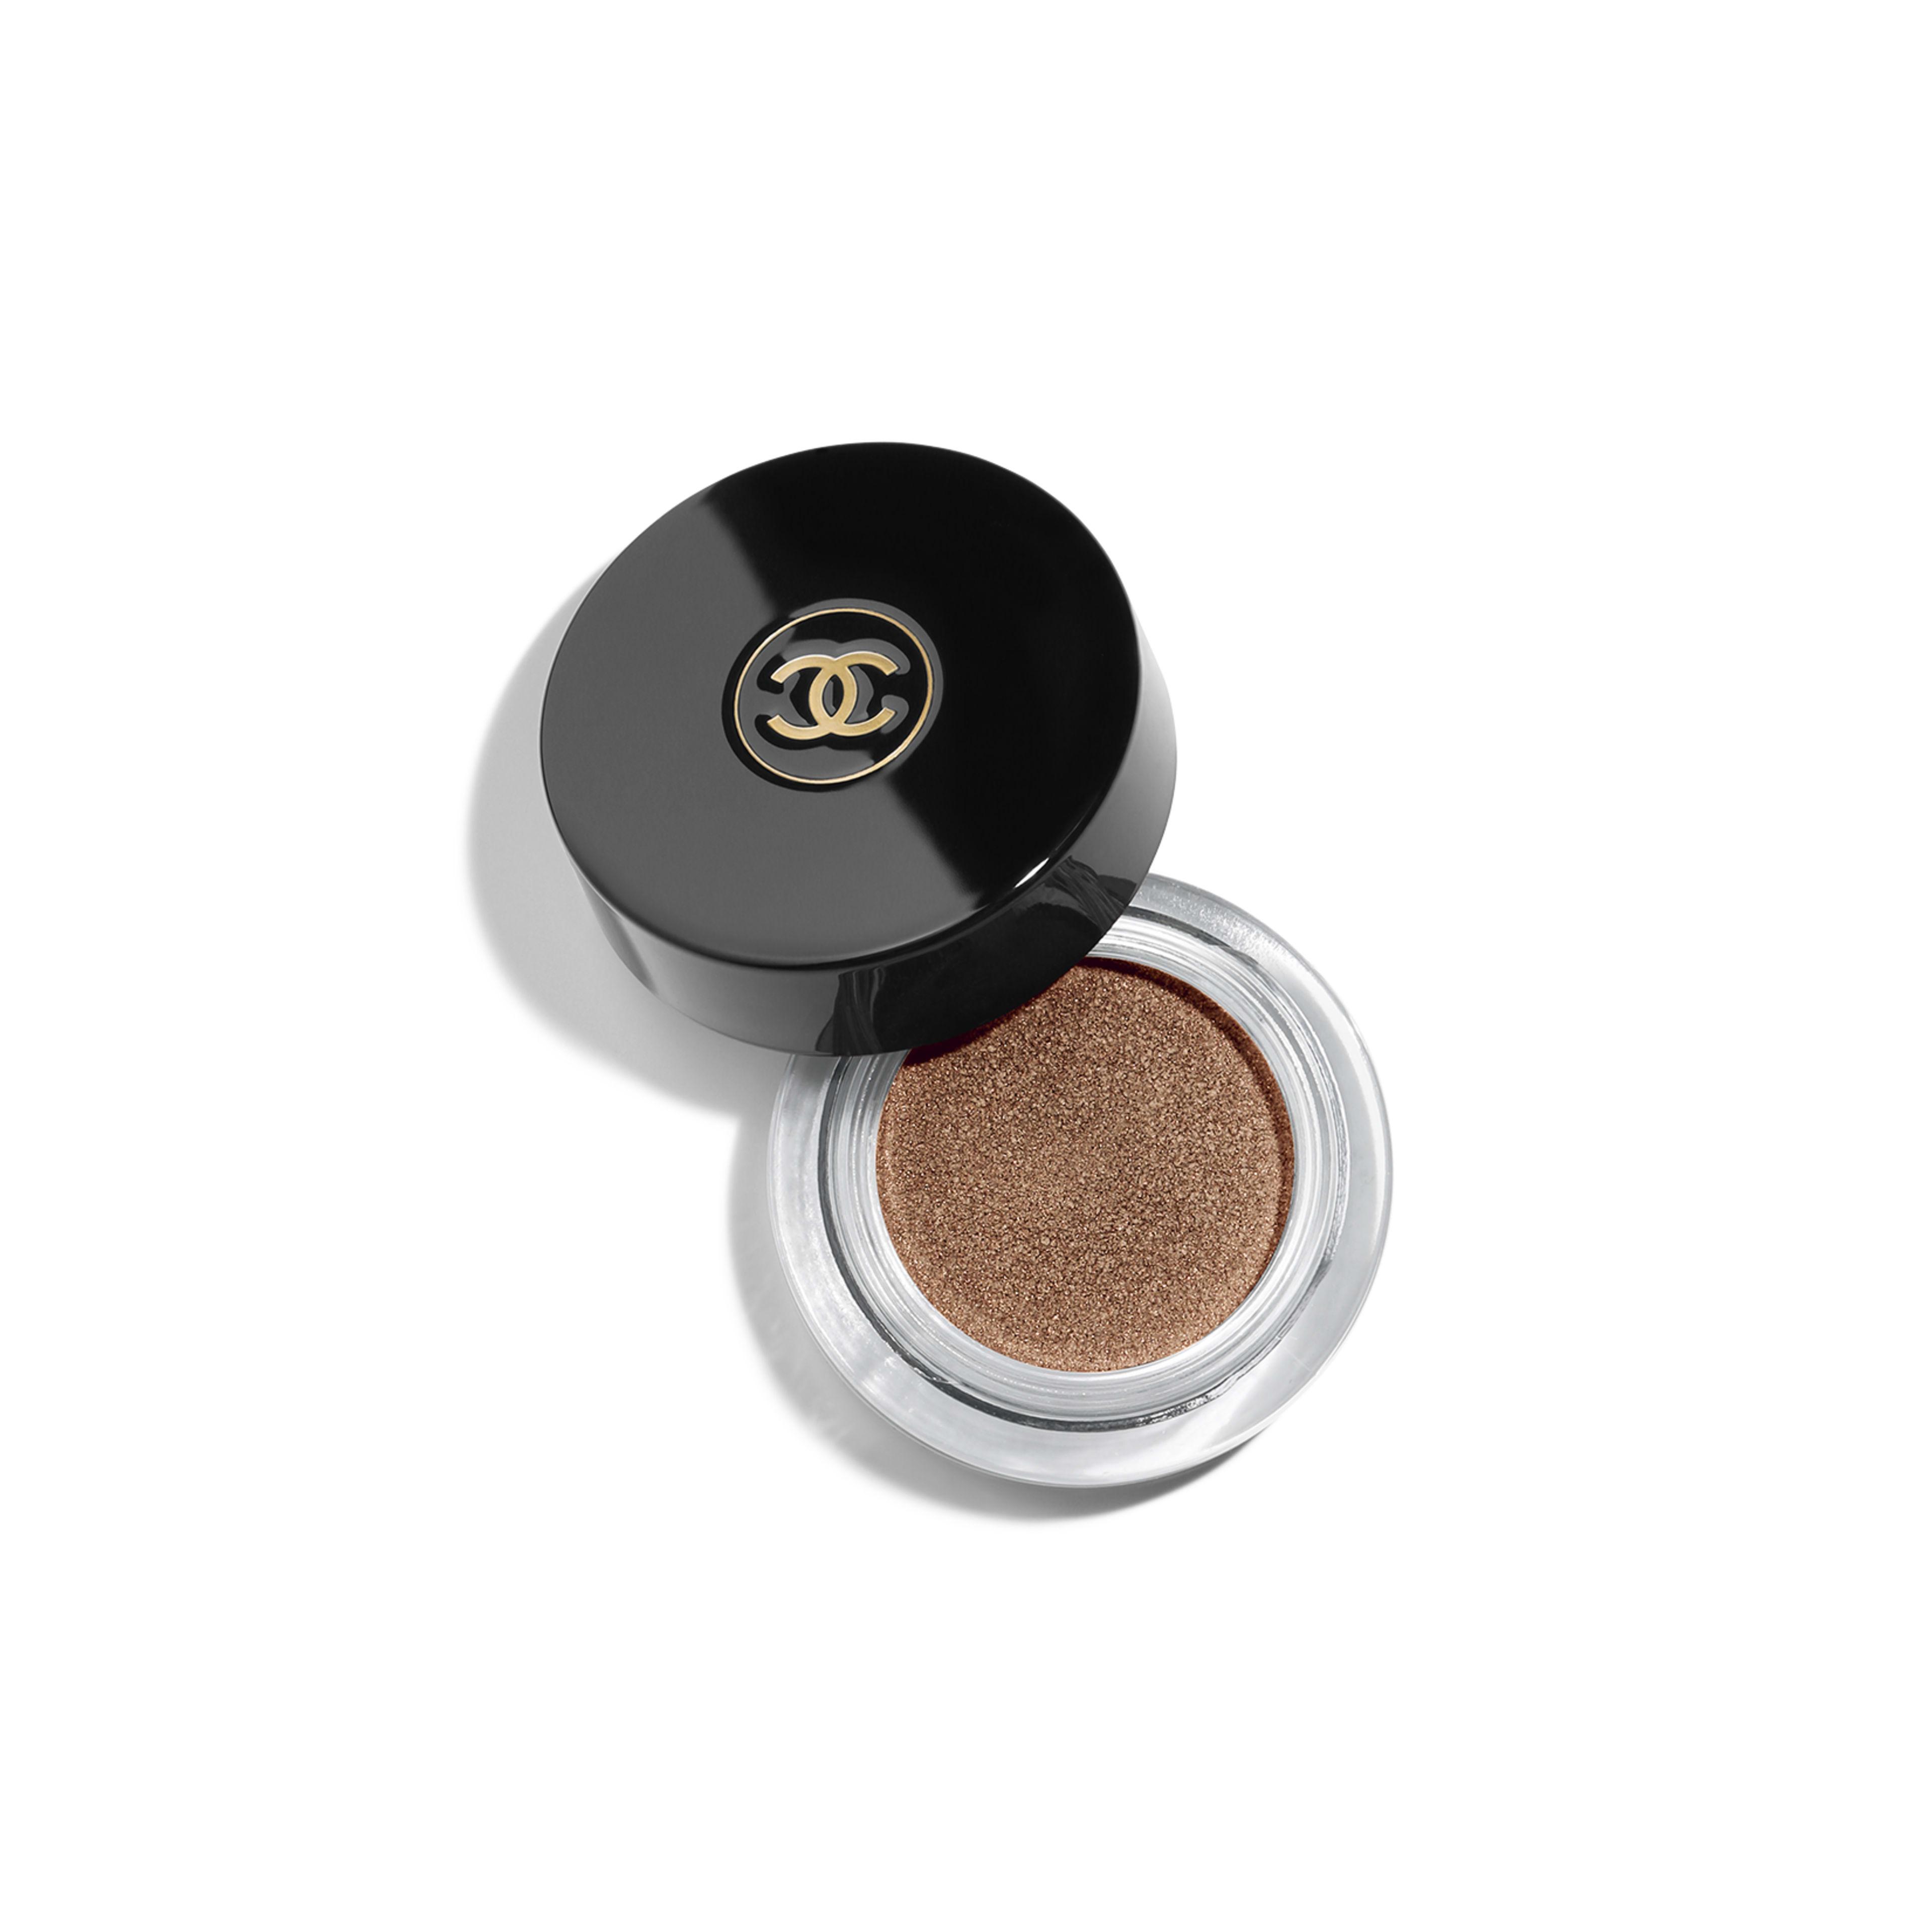 OMBRE PREMIÈRE - makeup - 0.14OZ. - Default view